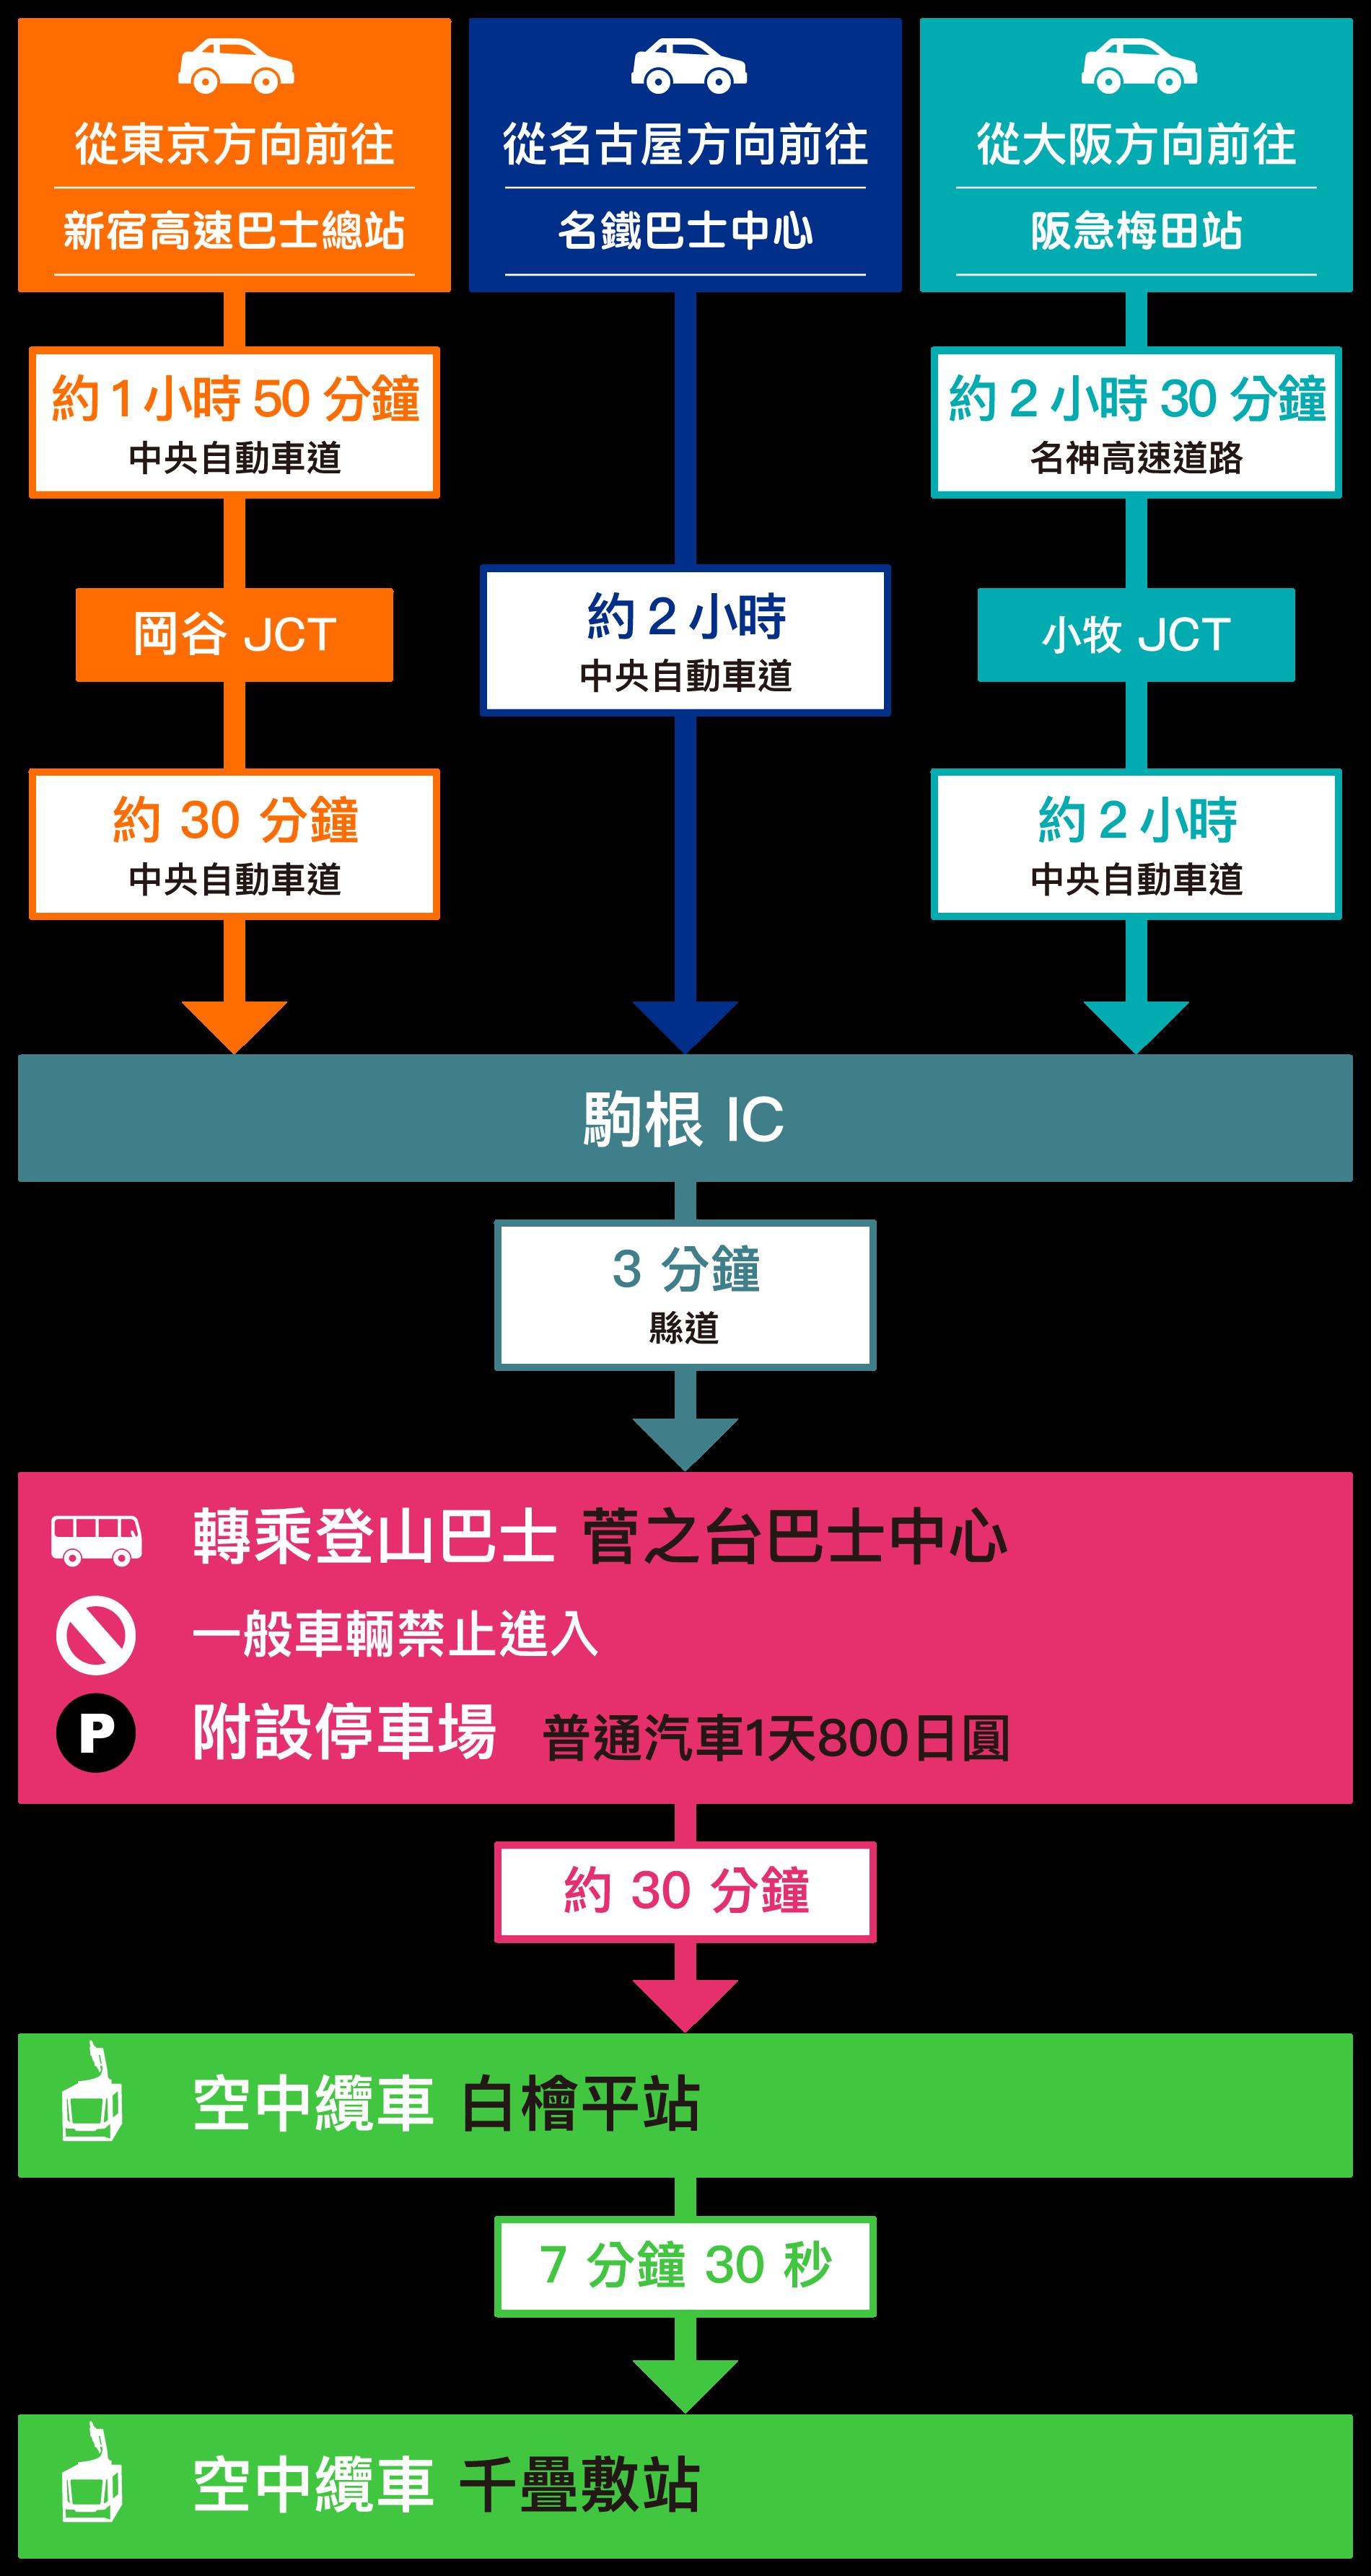 access-car-tw-201906